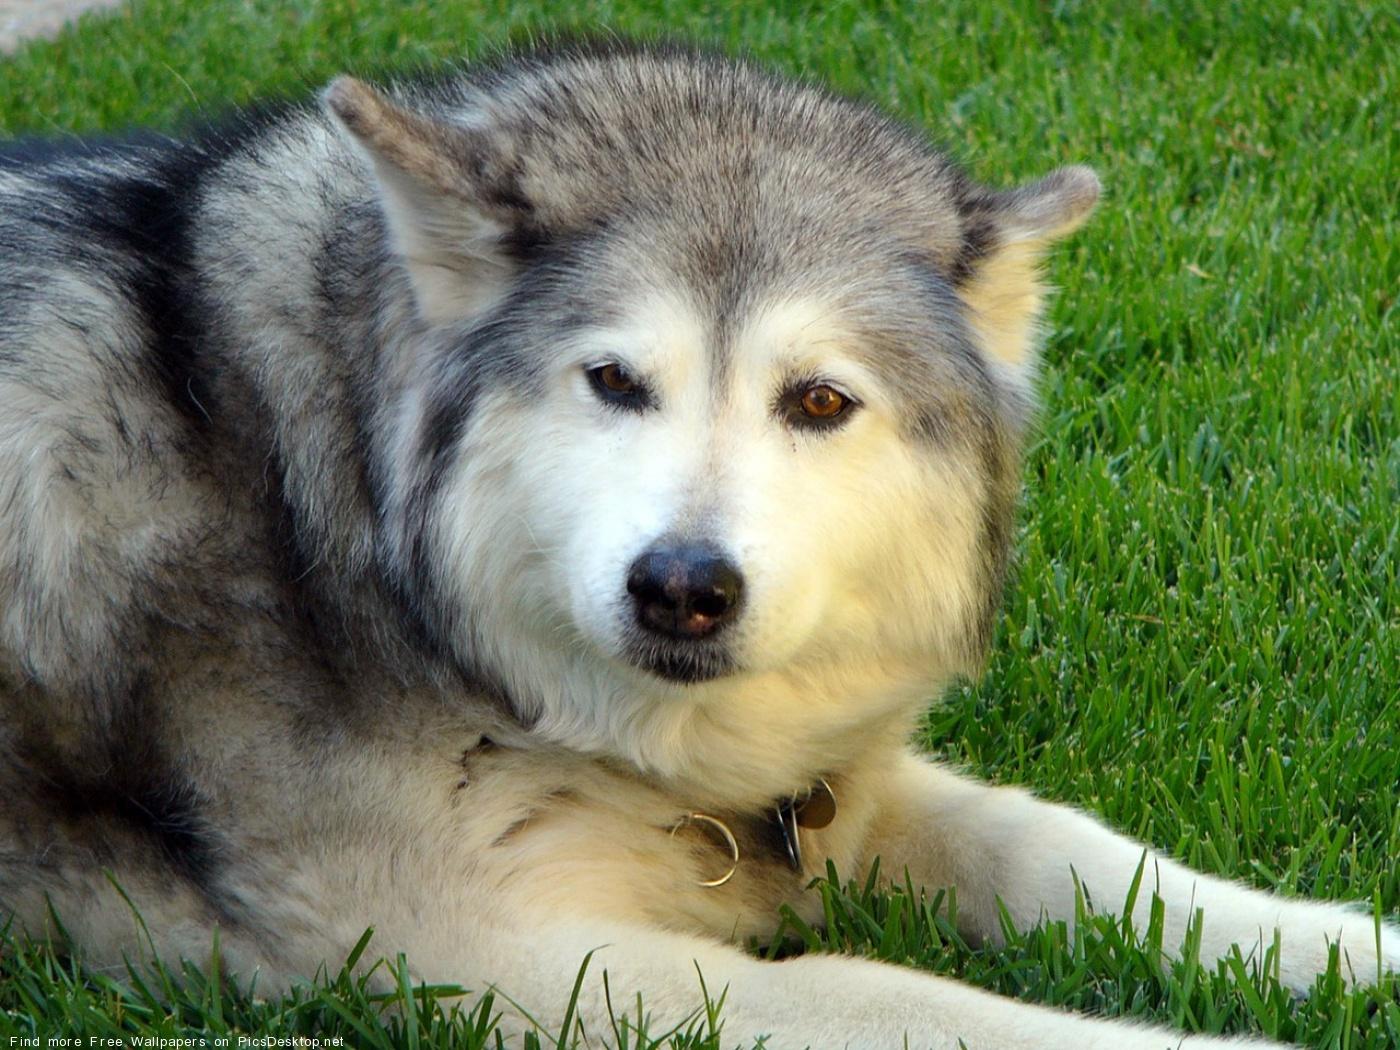 Самые страшные собаки - Фотографии собачек - Фотографии лучших собачек